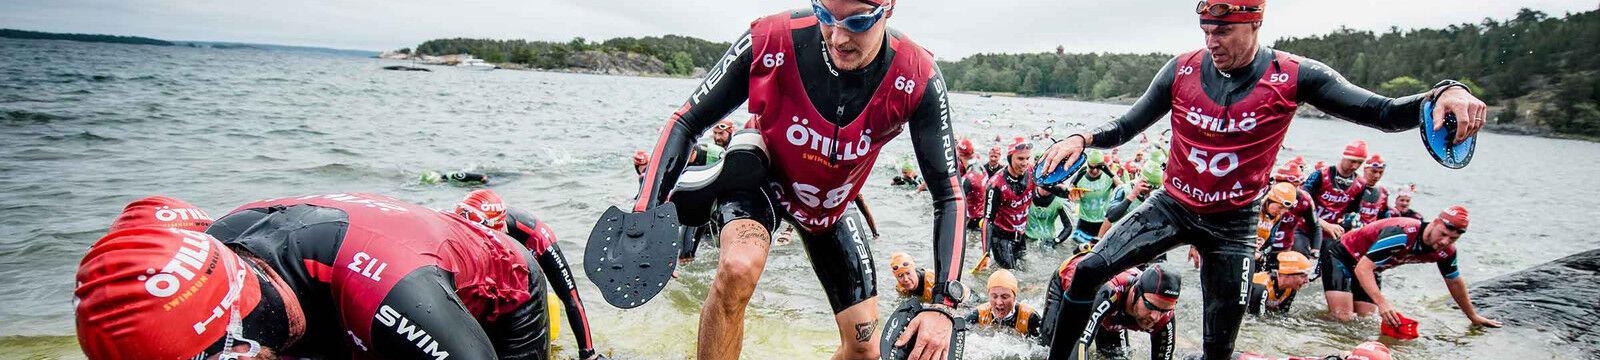 Sportextreme Swimrun